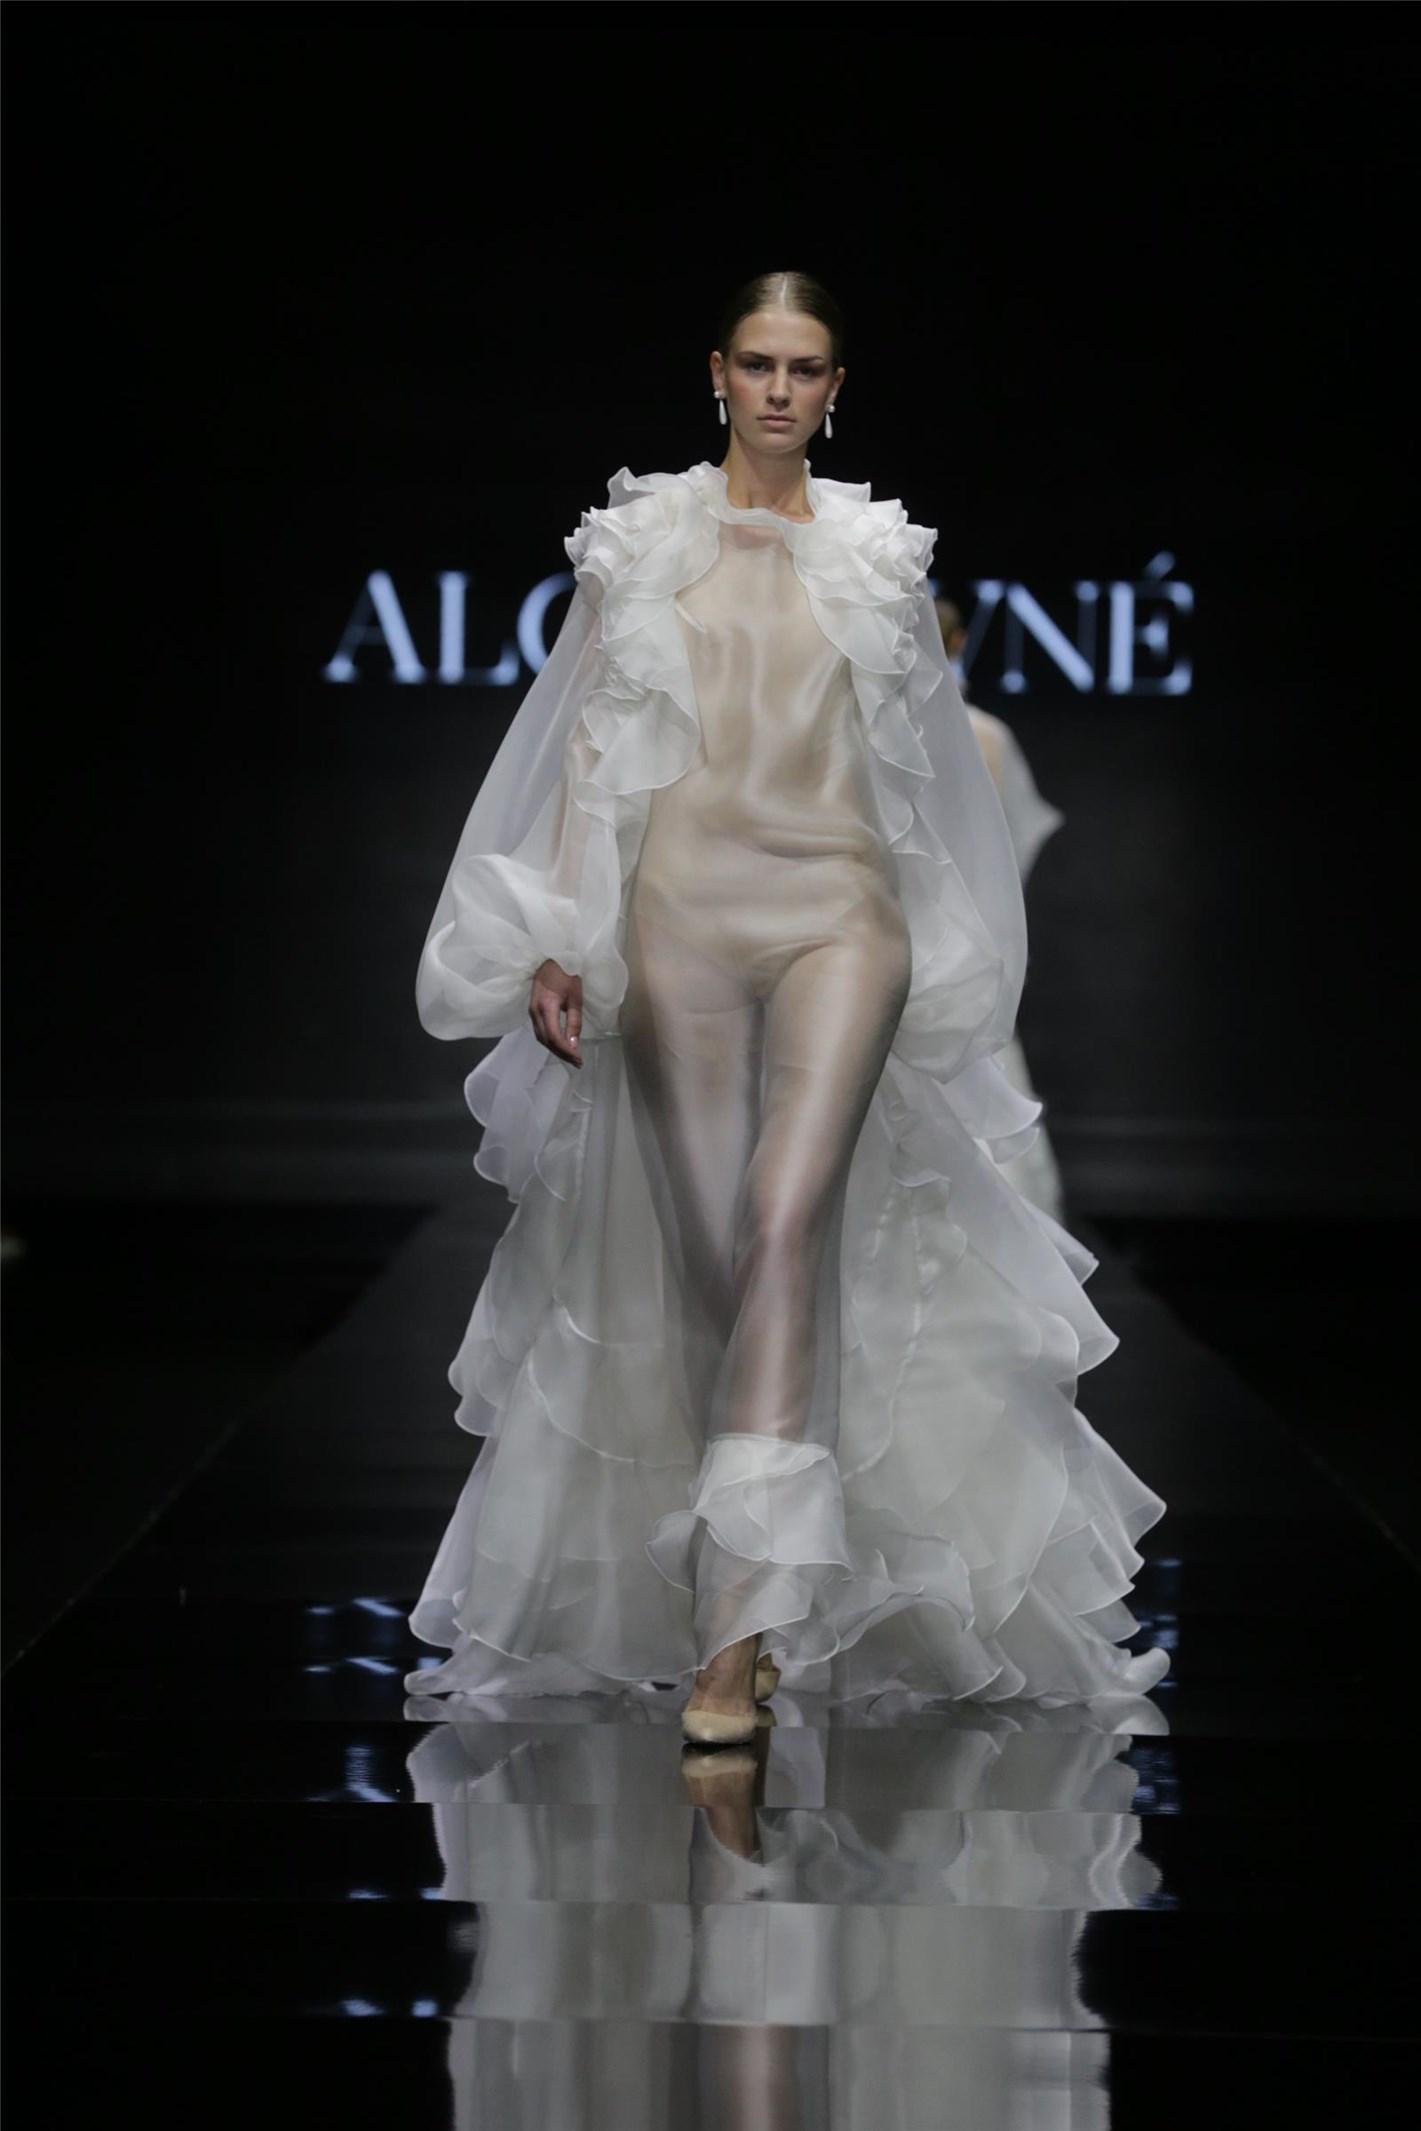 שמלת כלה של אלון ליבנה (צילום: אבי ולדמן)